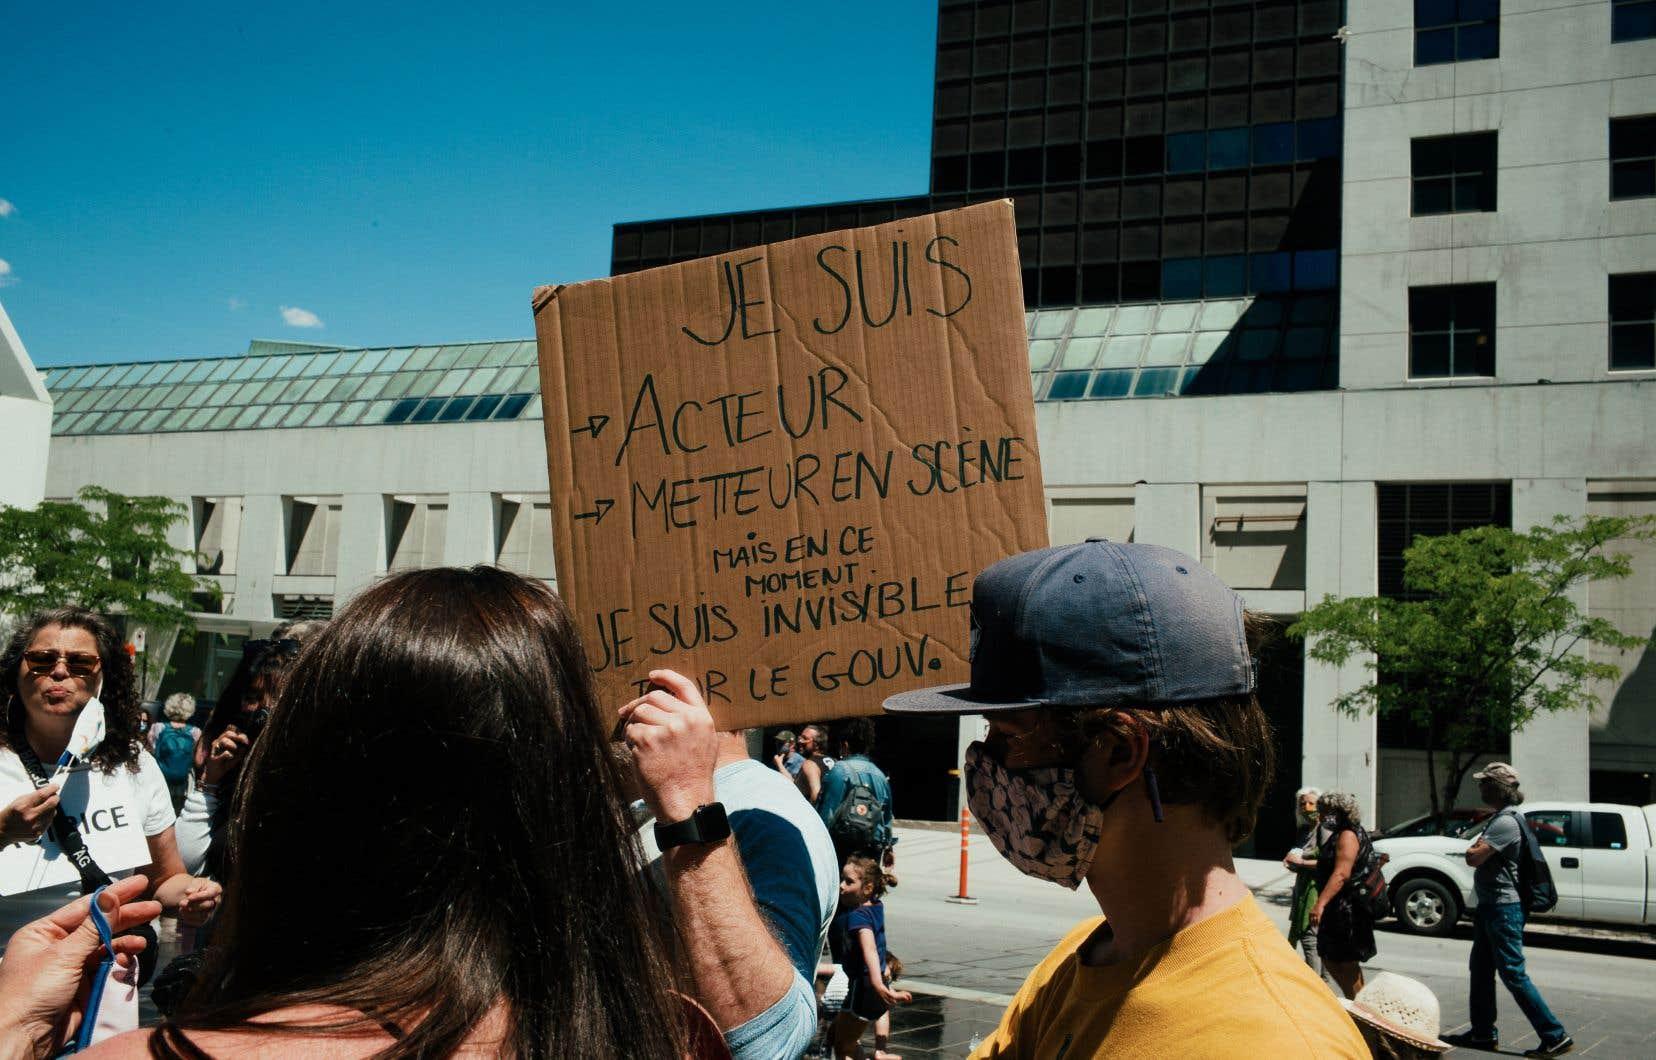 Les artistes réclament une révision des lois adoptées en 1987 qui encadrent leurs conditions de travail. En photo: manifestation à Montréal en juin 2020.